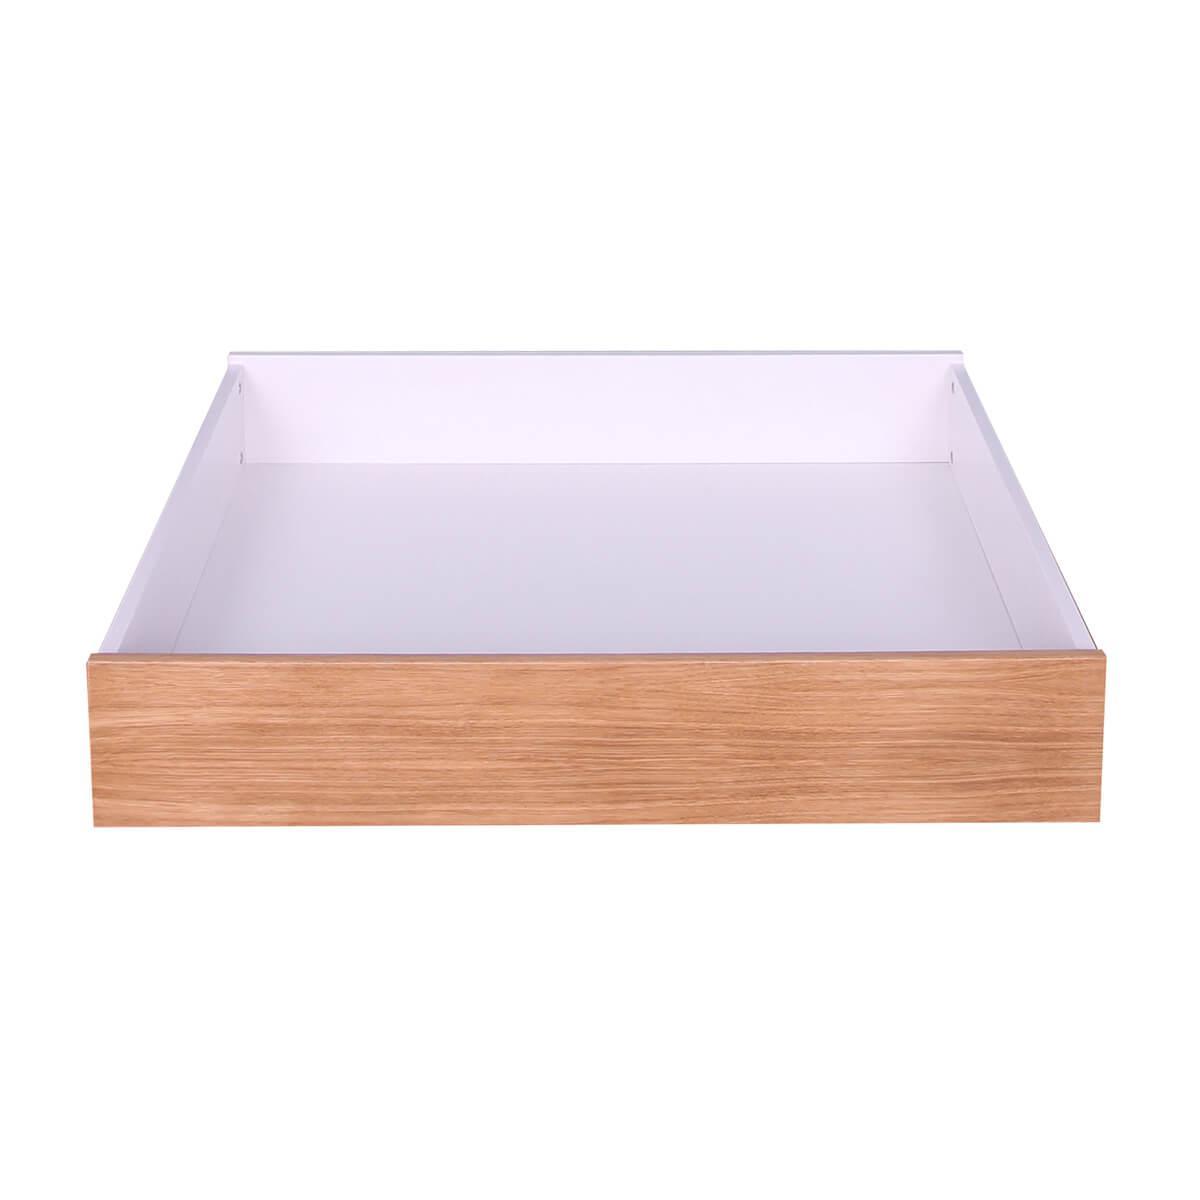 Bettkasten 1stk KASVA Mdf weiß-lackiert Multiplex Eiche-furniert